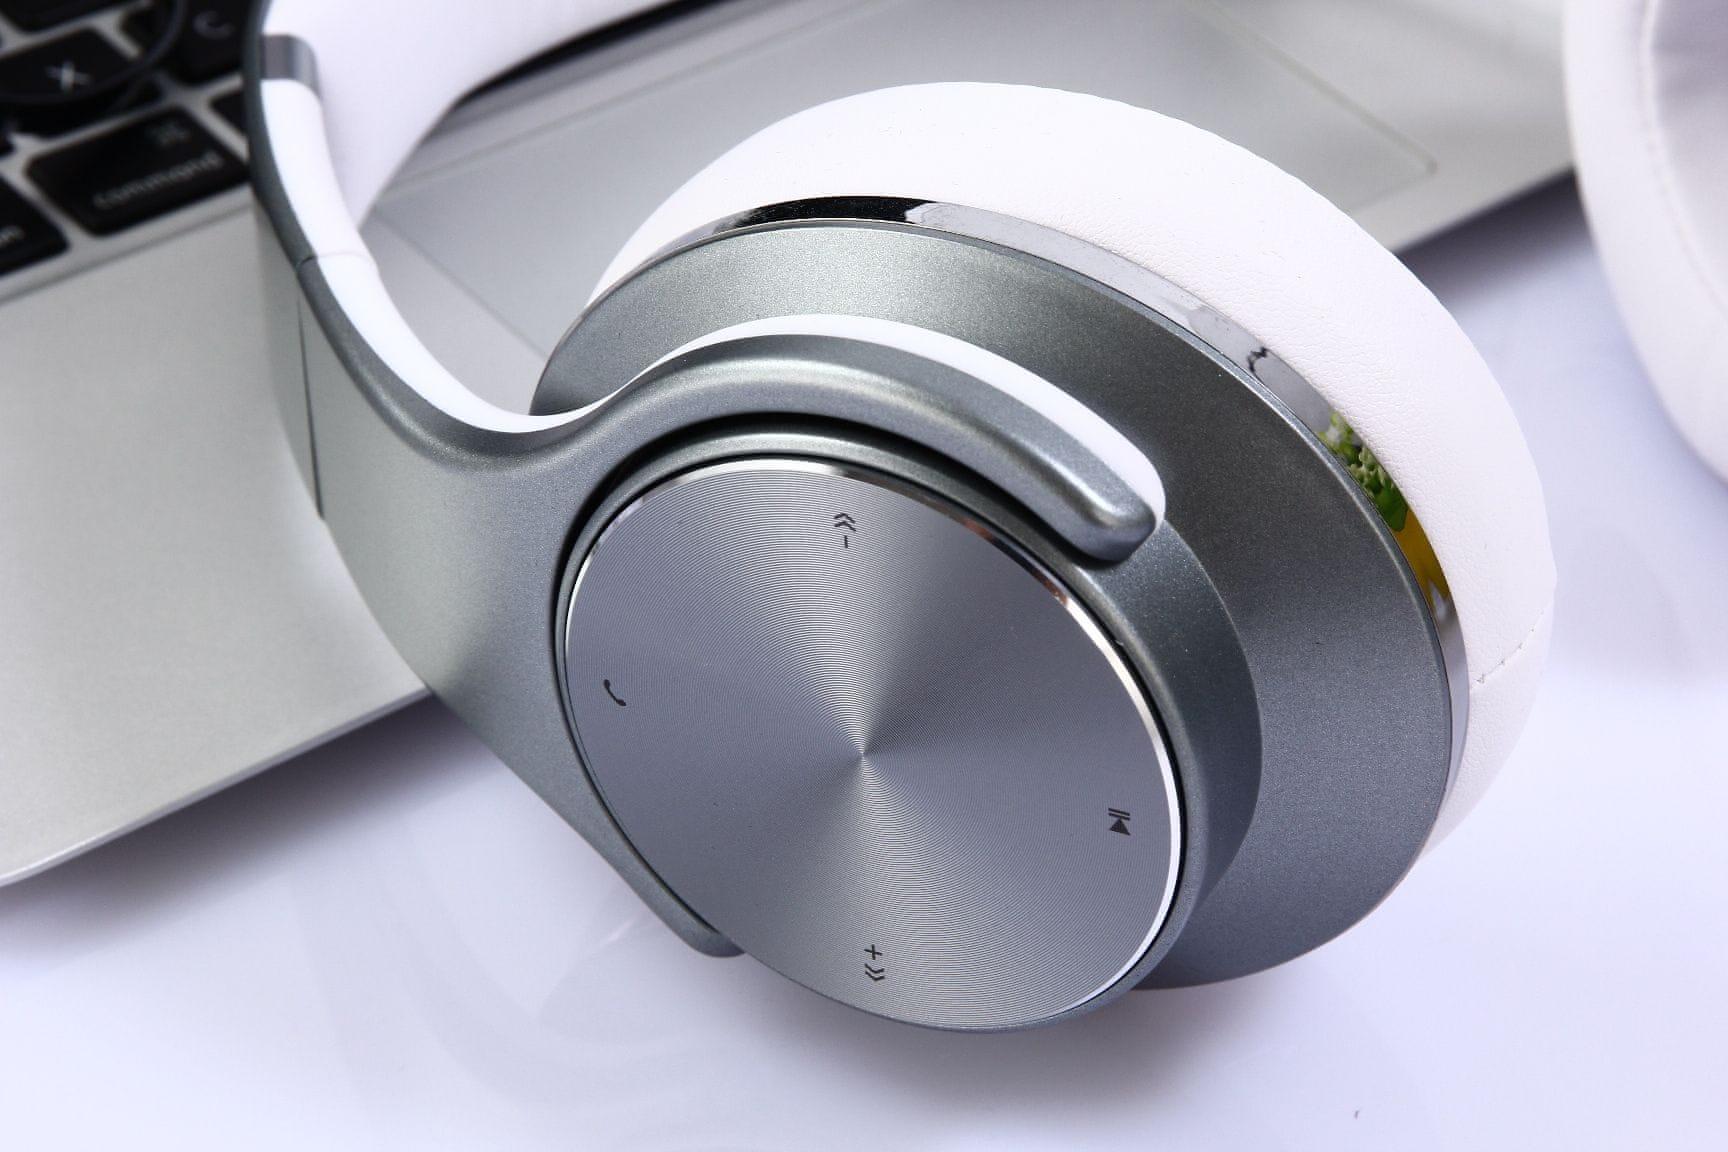 Słuchawki Evolveo SupremeSound E9 3,5mm jack wymienny kabel długi czas pracy baterii 14h